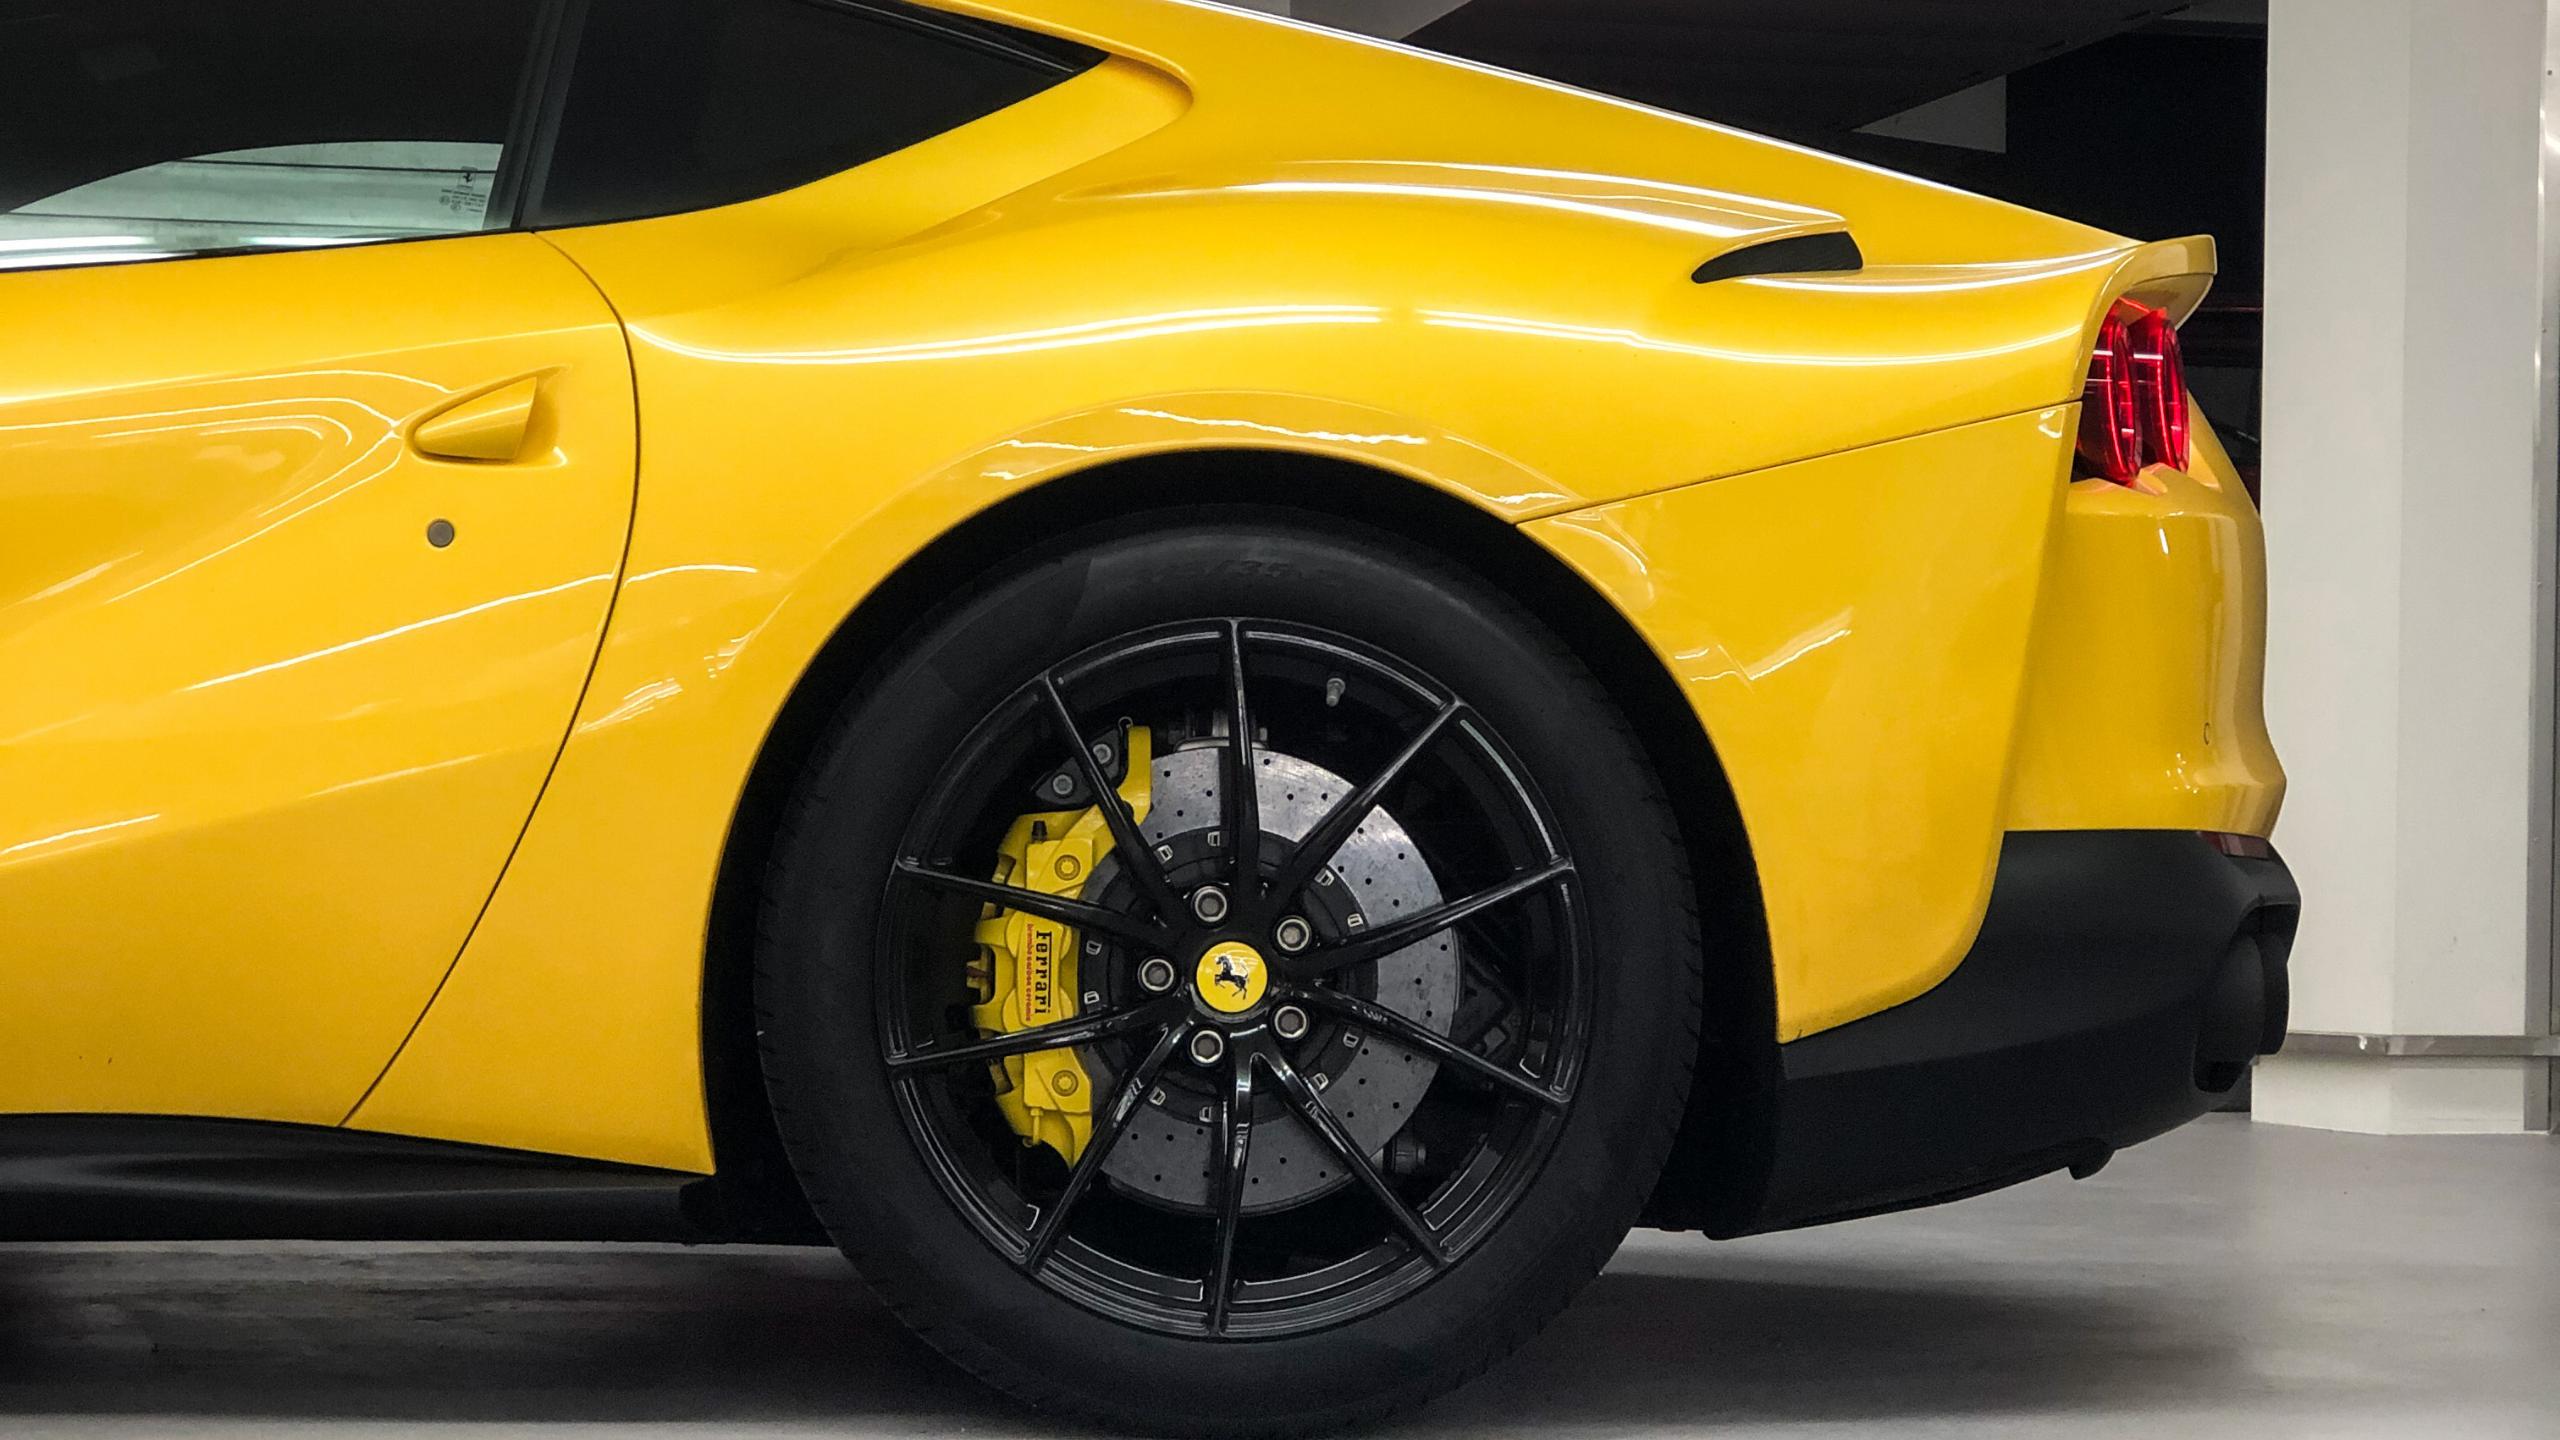 Ferrari 812 Superfast gelb Reifen Detailansicht